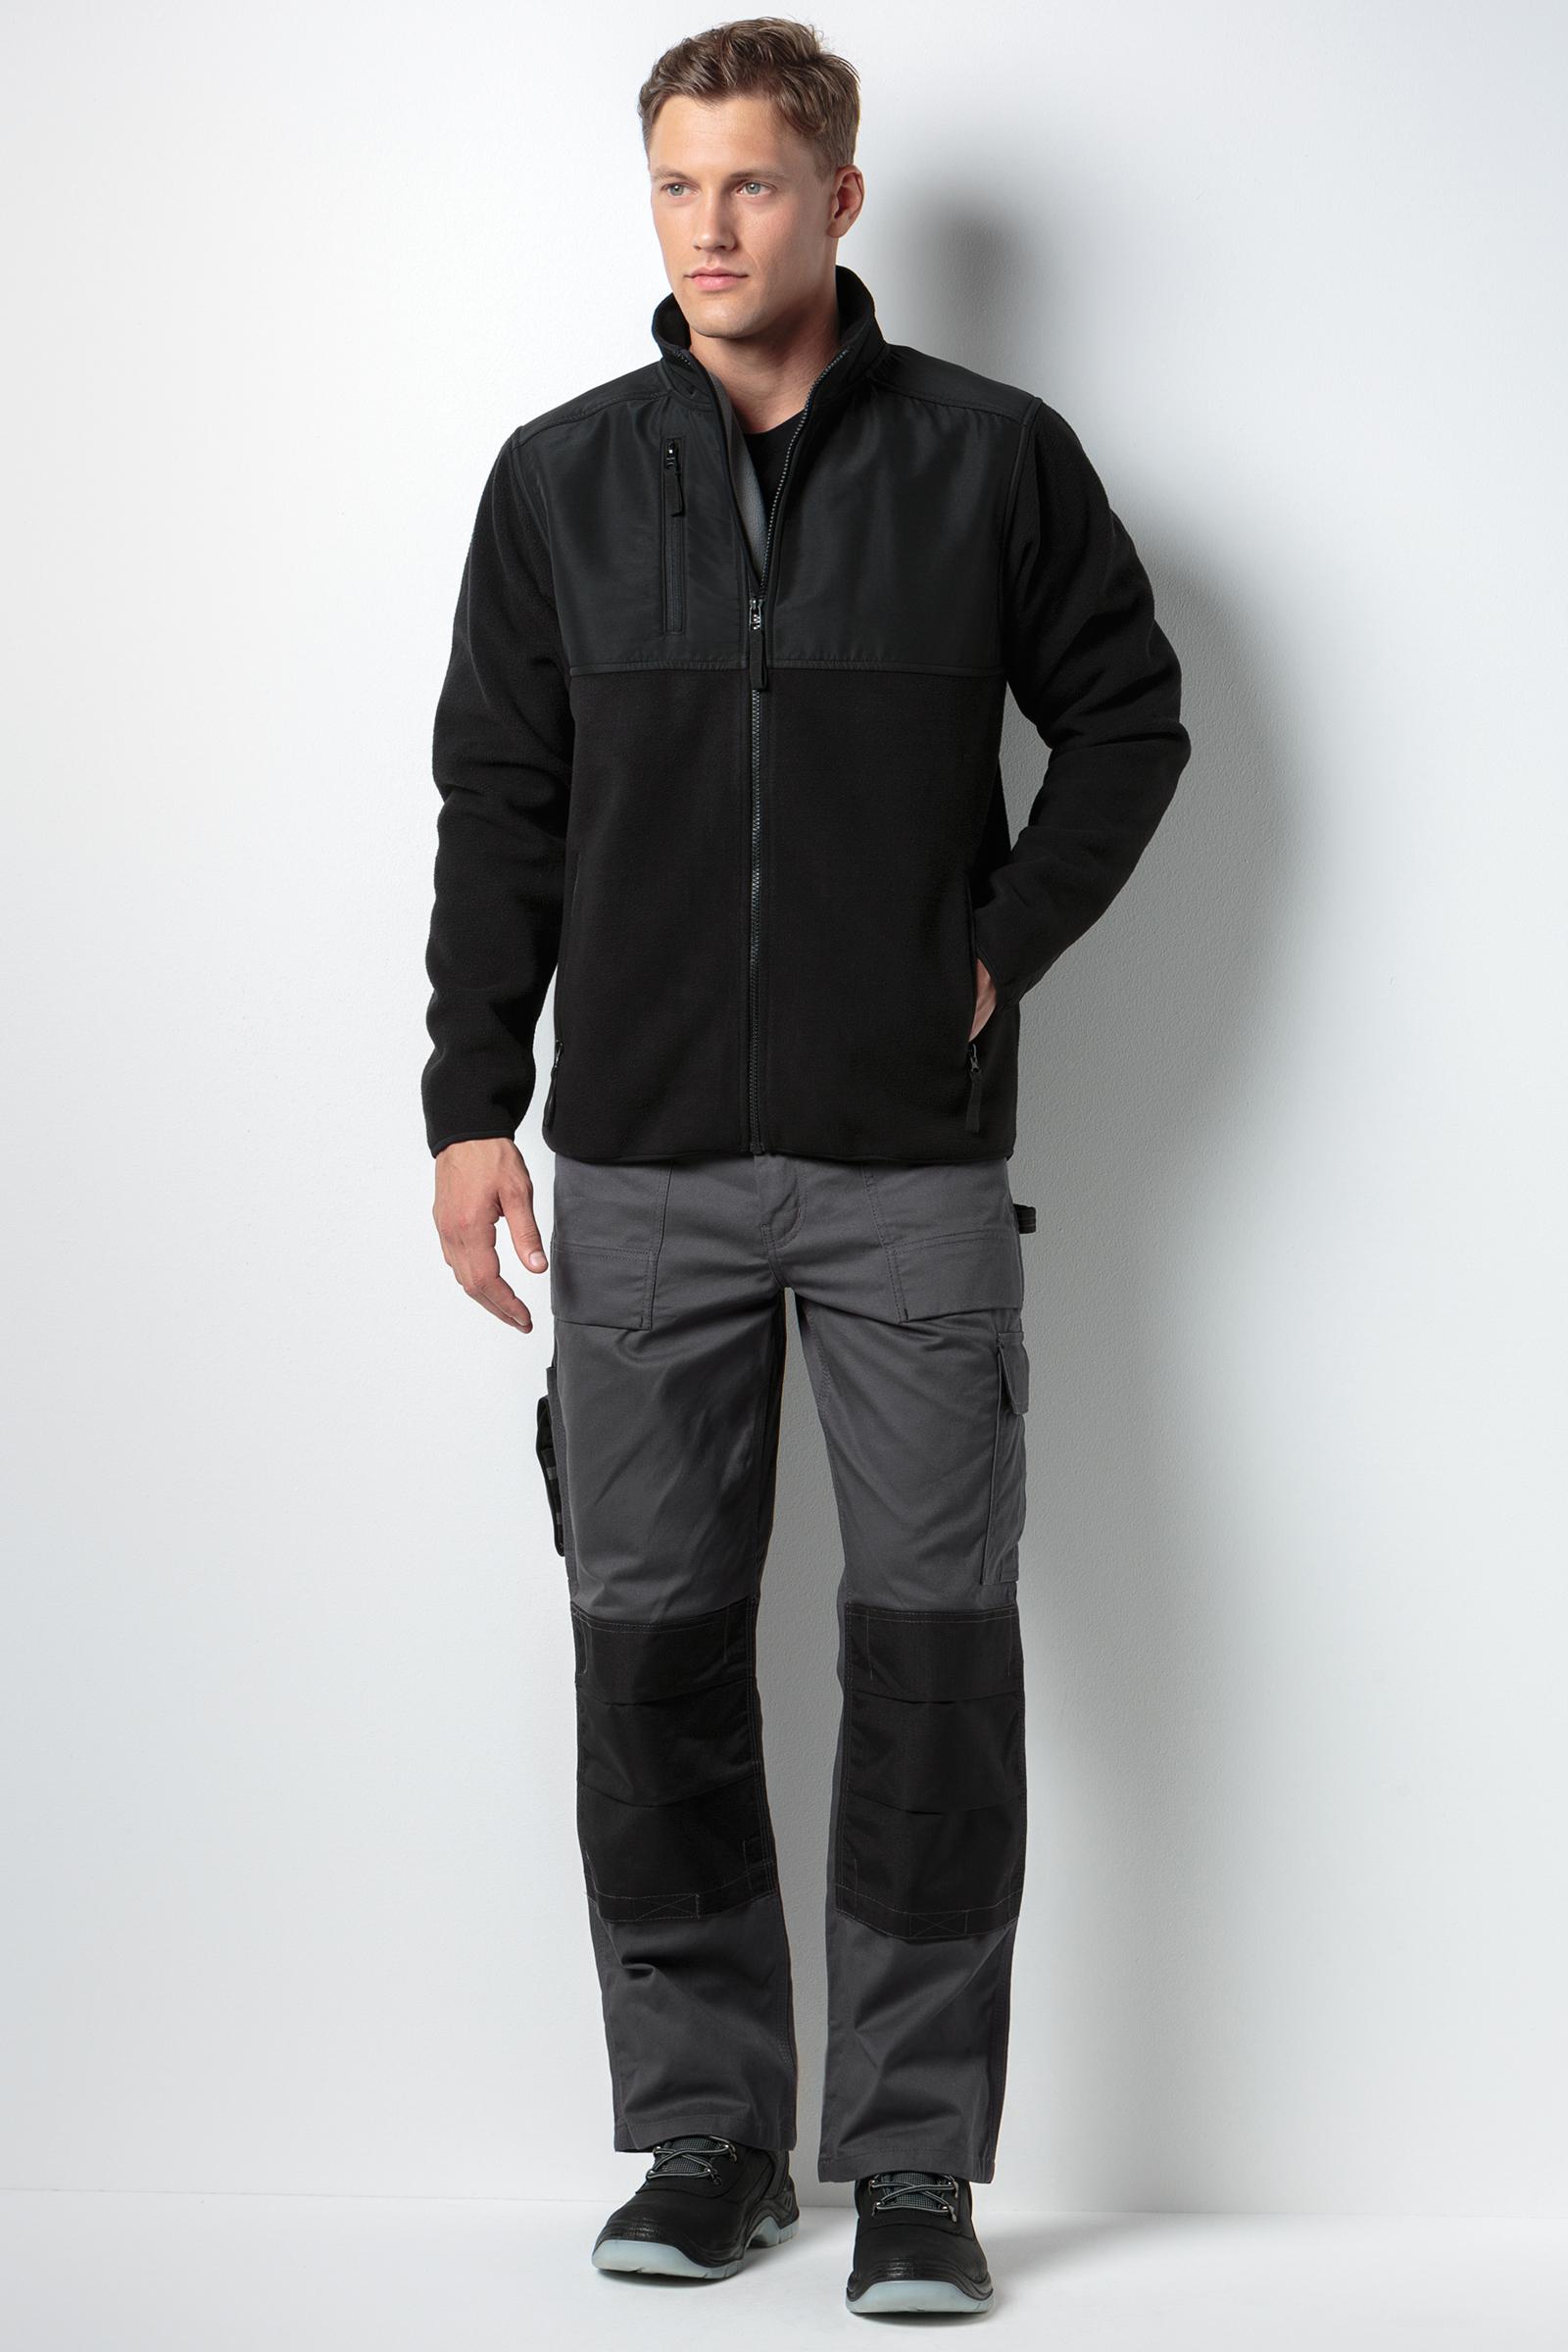 Kk906 Workwear Fleece Kustom Kit